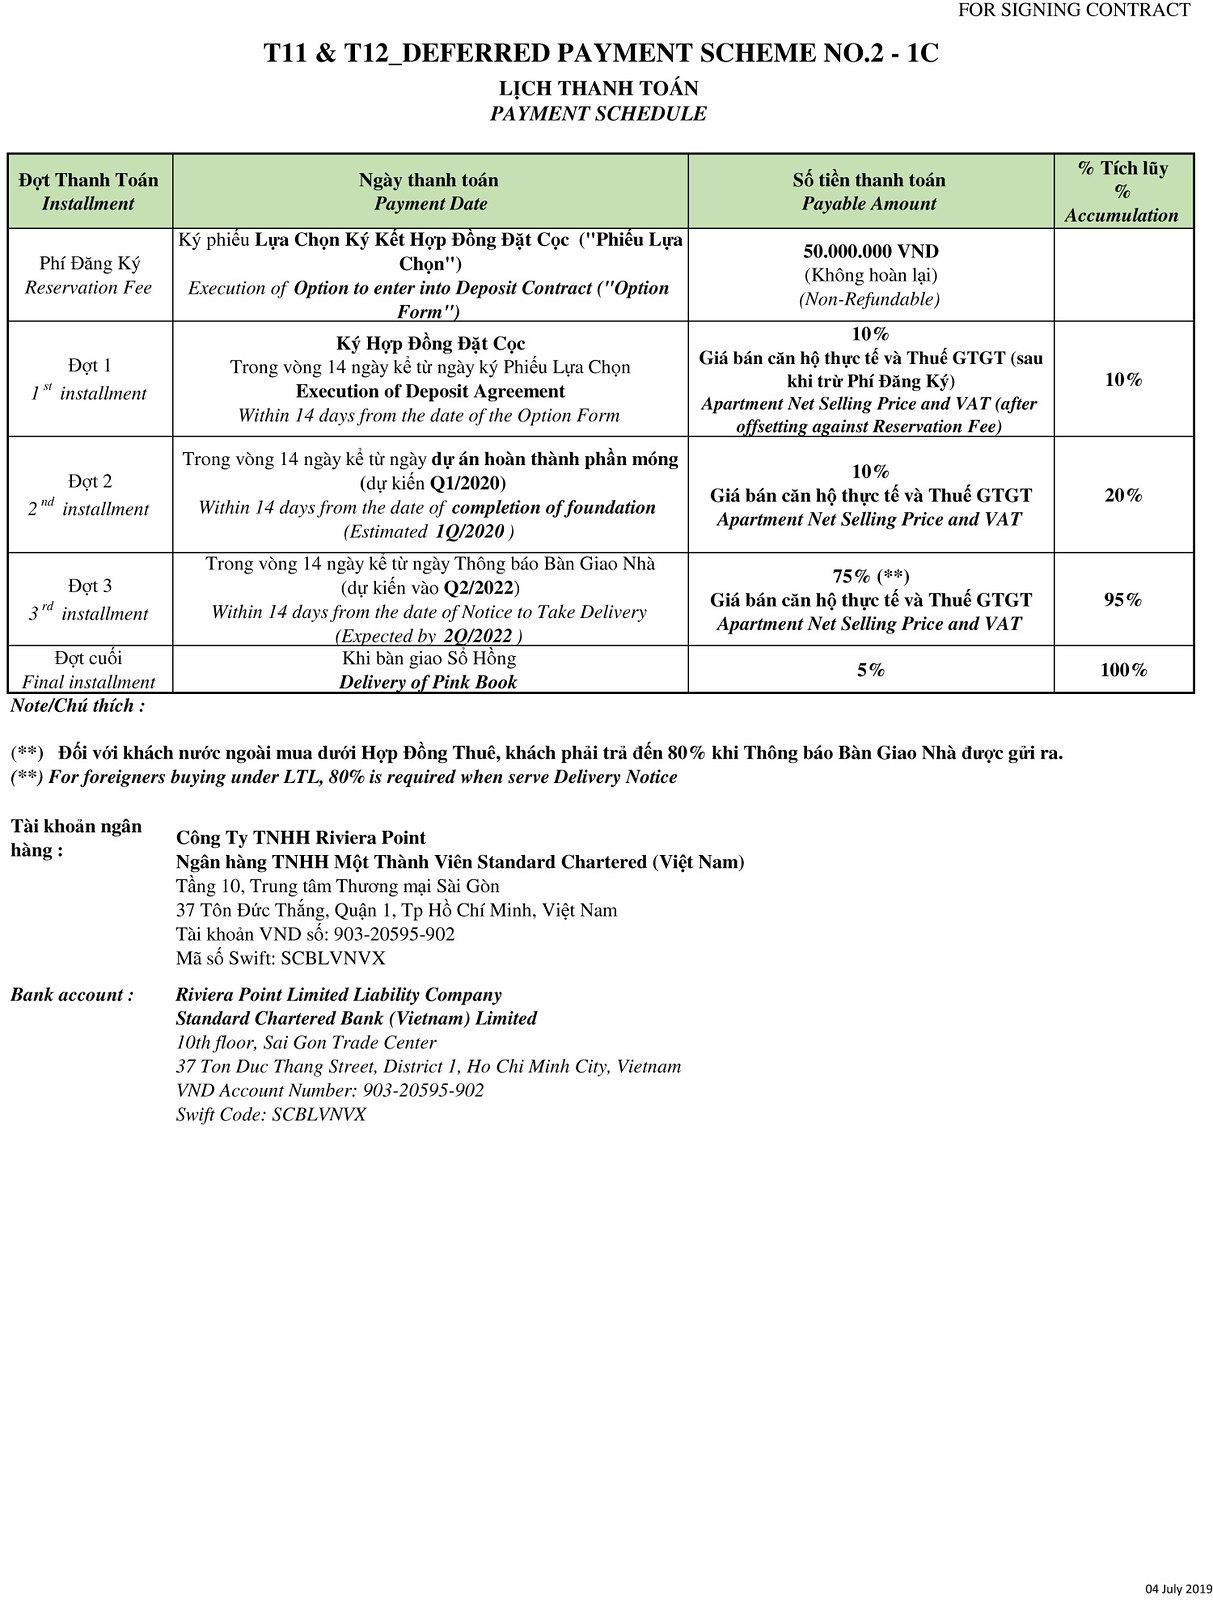 Lịch thanh toán đặc biệt căn hộ The Infiniti quận 7.